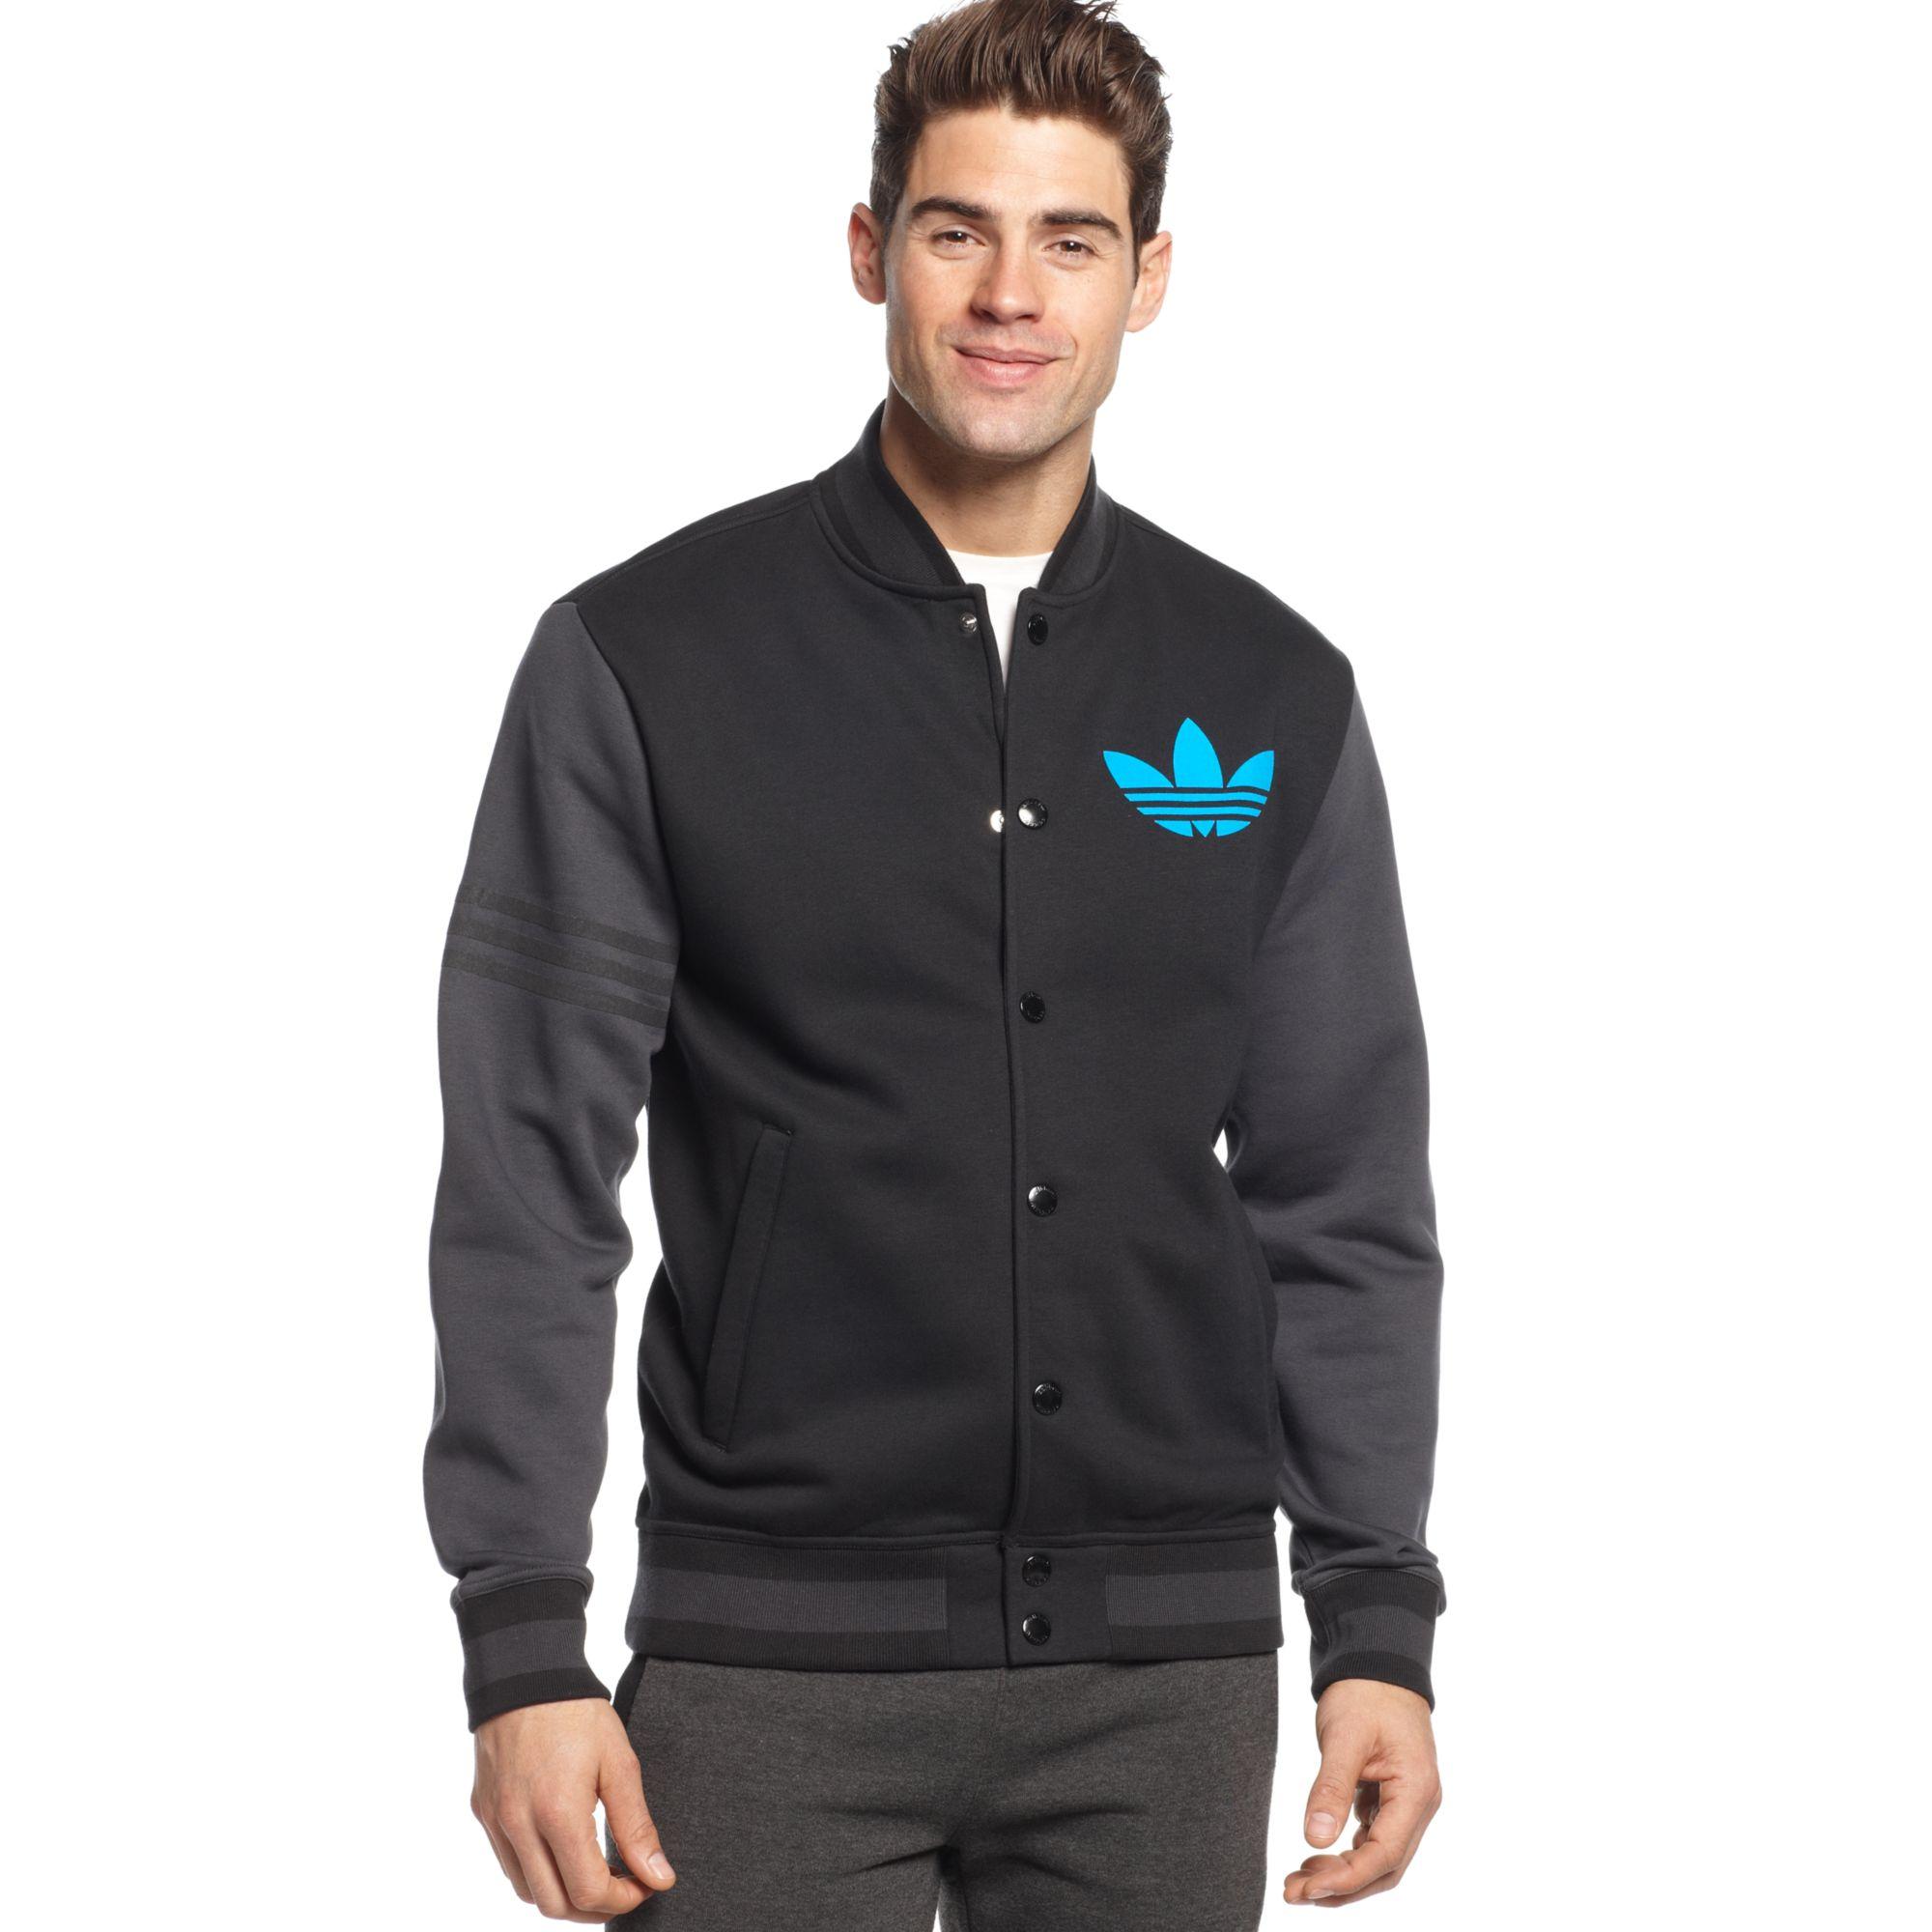 adidas originals varsity remix fleece jacket in blue for men lyst. Black Bedroom Furniture Sets. Home Design Ideas